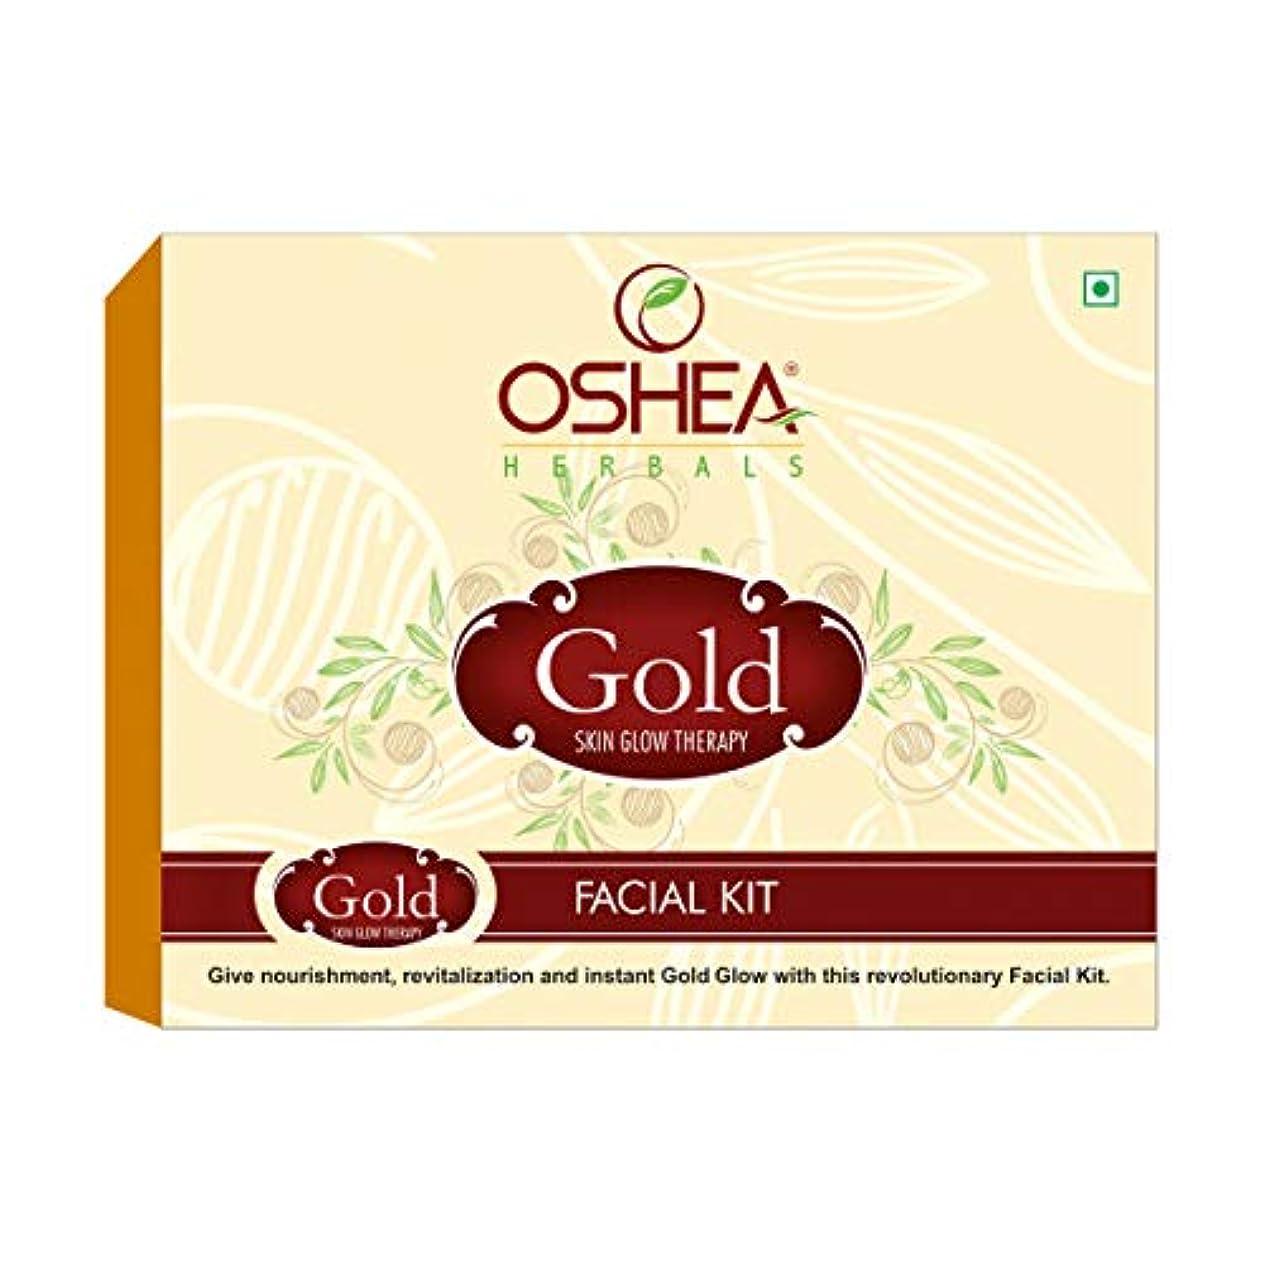 シプリースポット危険にさらされているOshea Herbals Gold Facial Kit 42g for softer and smoother skin and enhance your complexion Oshea Herbals ゴールド フェイシャルキットで肌を柔らかく滑らかにし、顔色を改善します